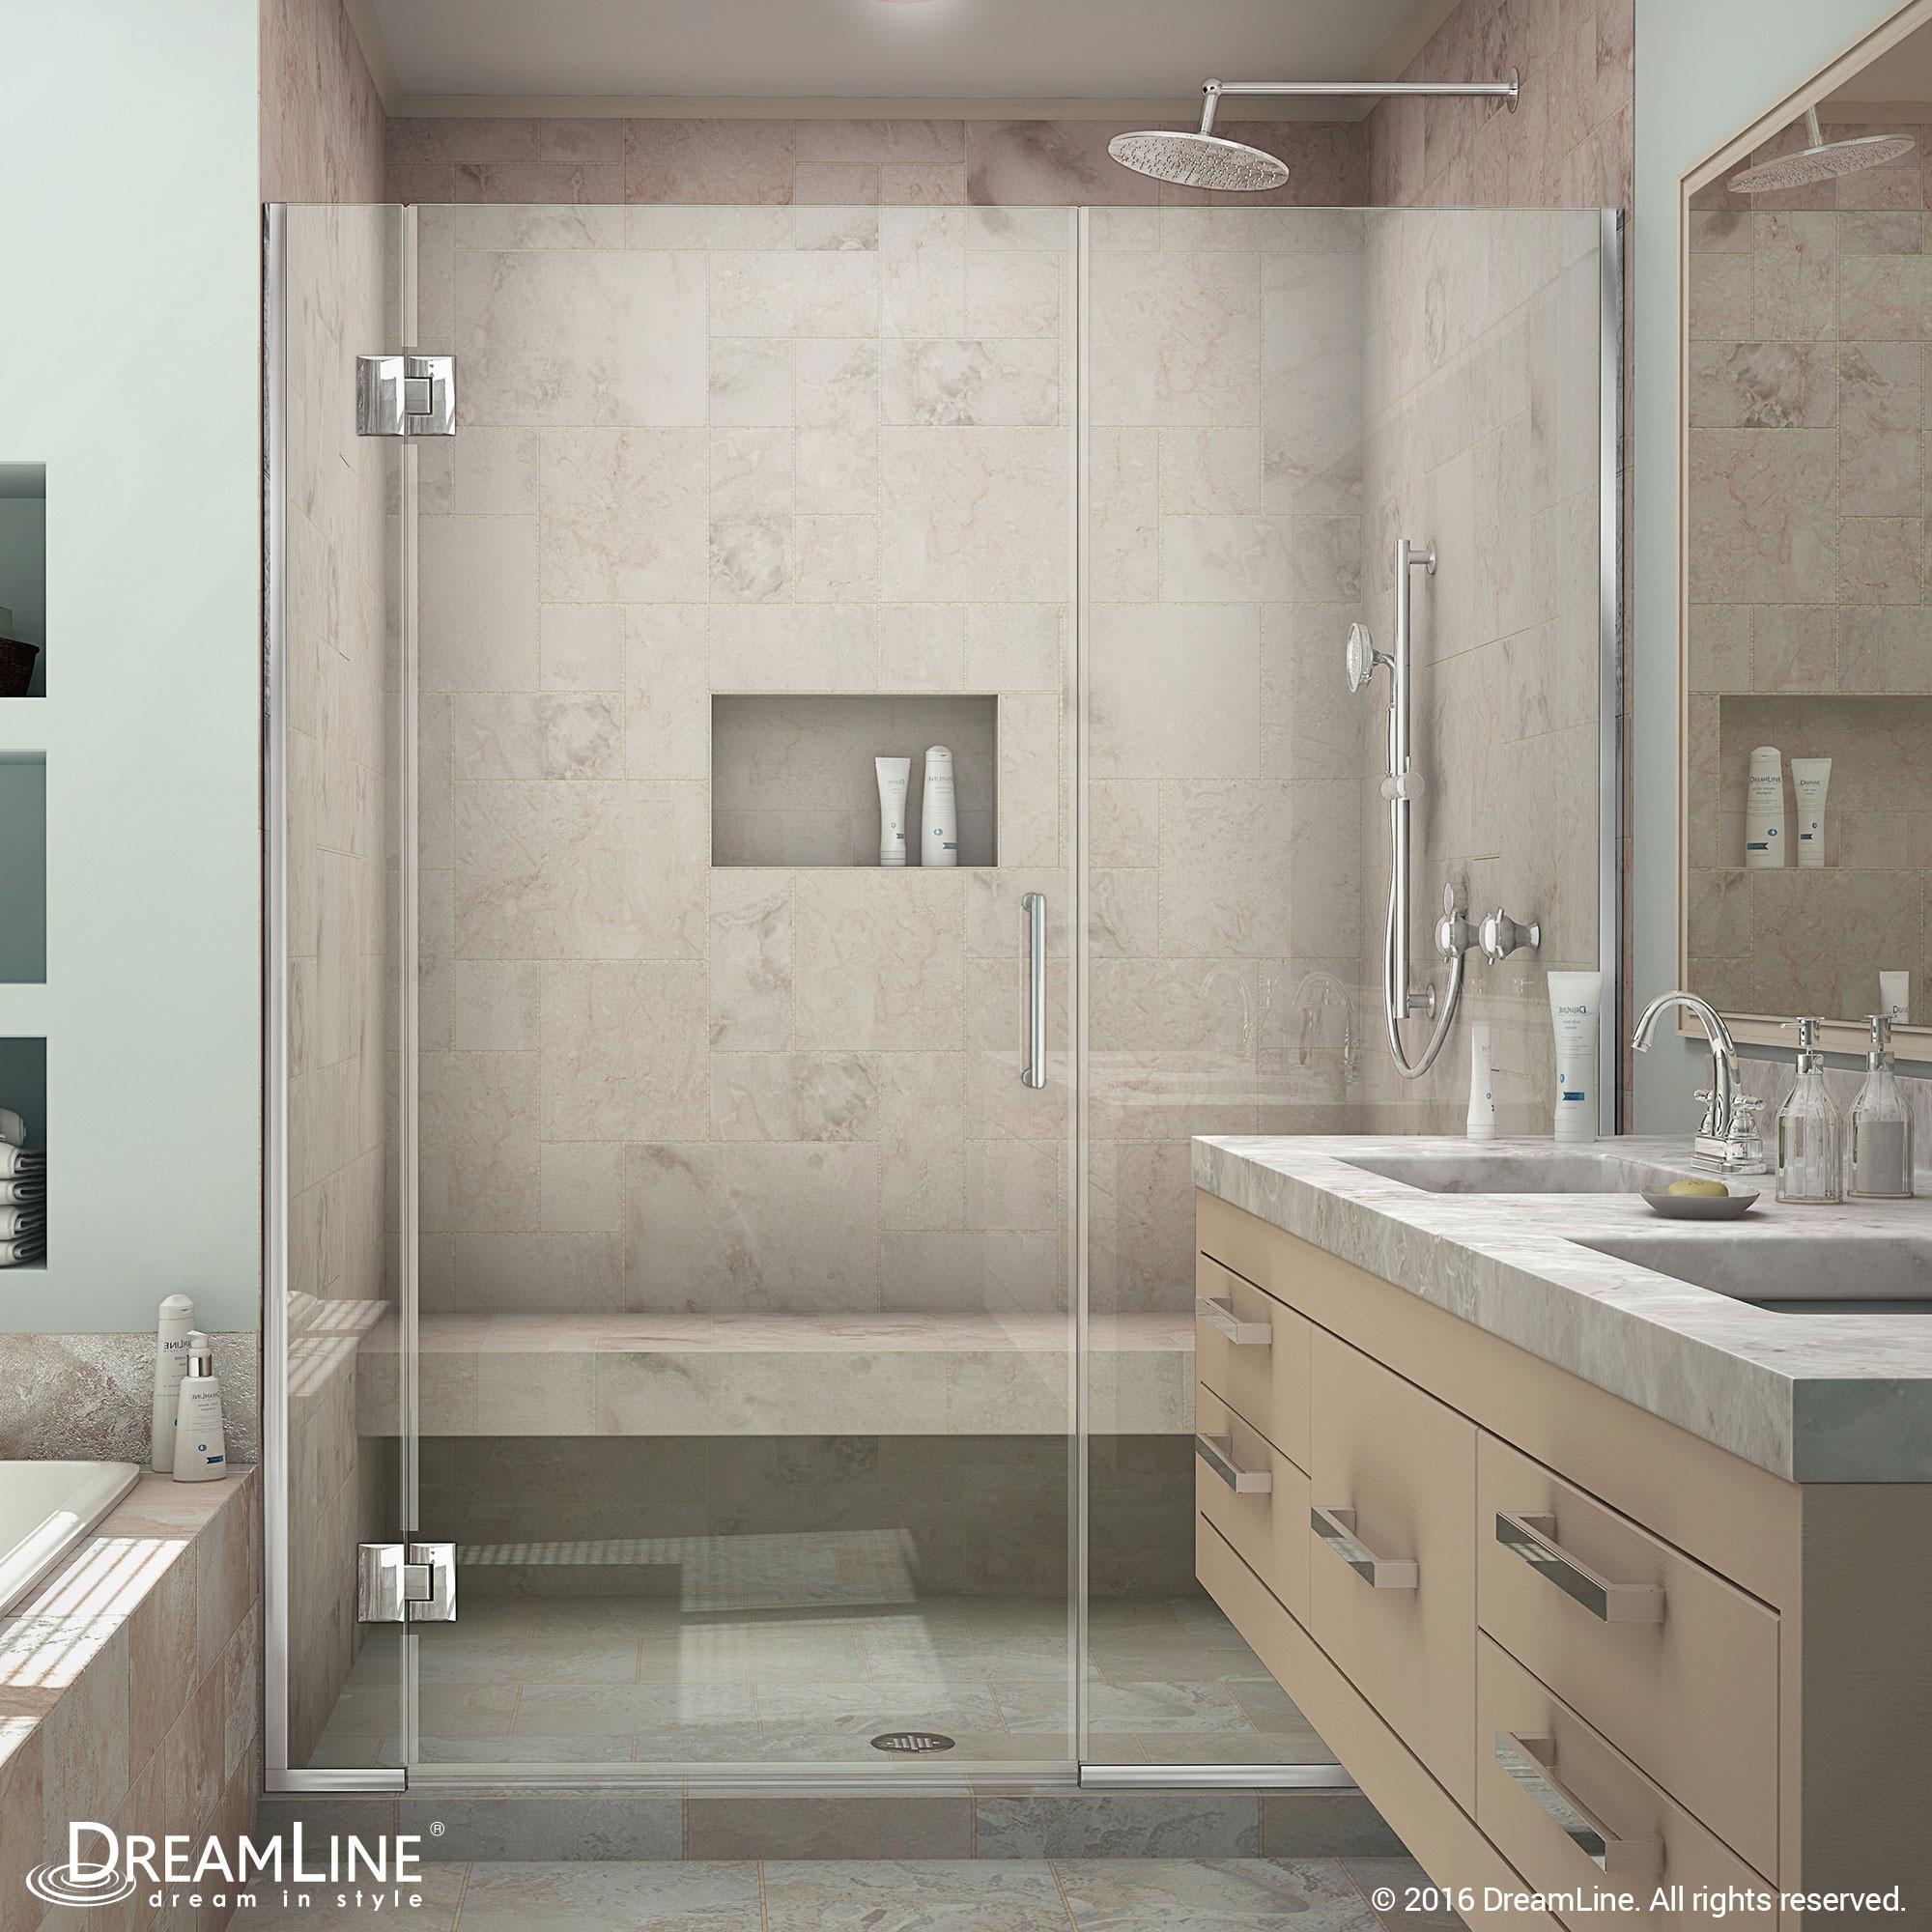 DreamLine D12722572-01 Unidoor-X 55 1/2 - 56 in. W x 72 in. H Hinged Shower Door in Chrome Finish